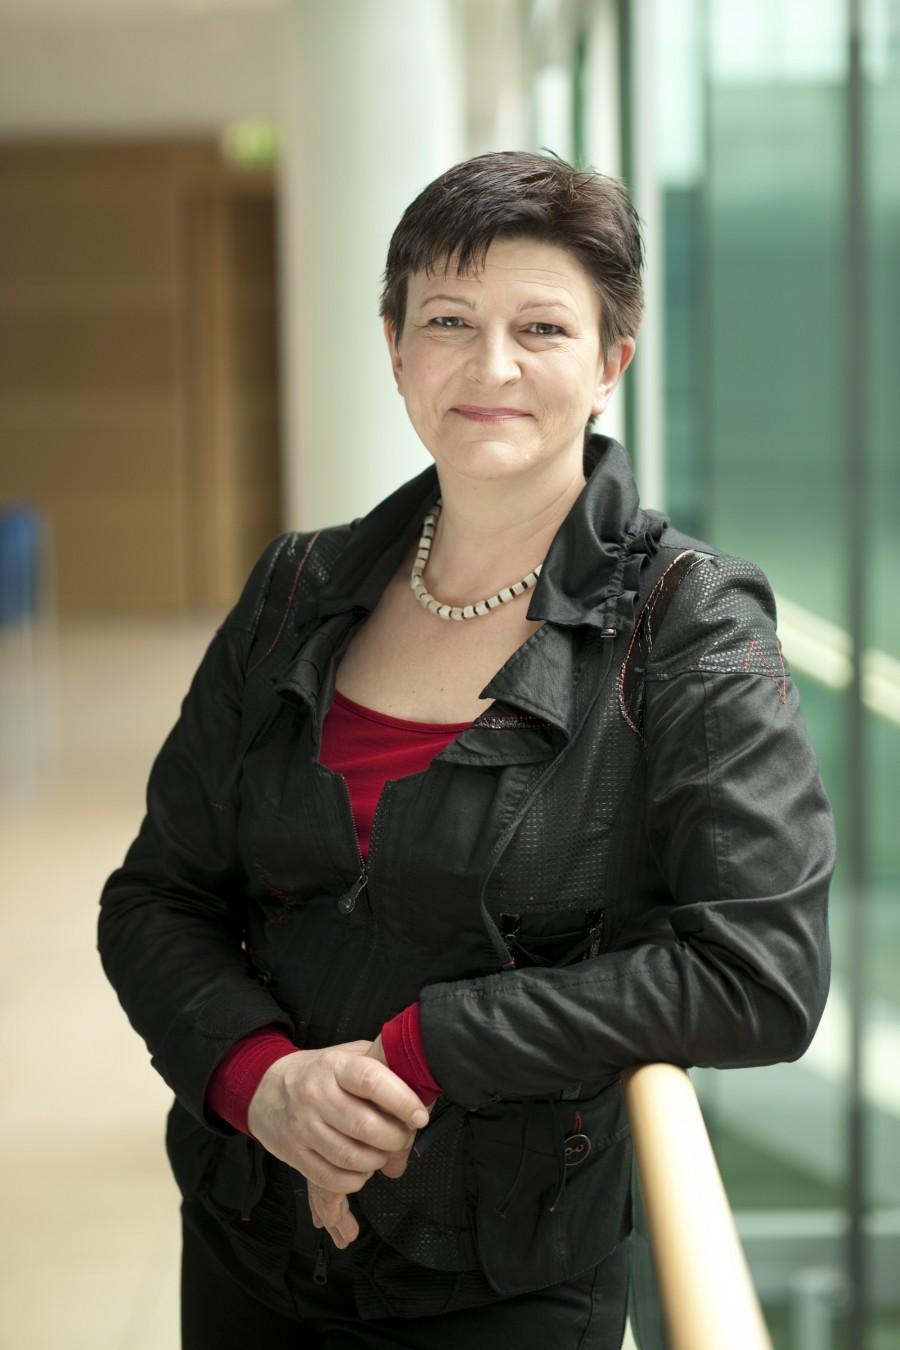 Saskia-Esken-Pressefoto